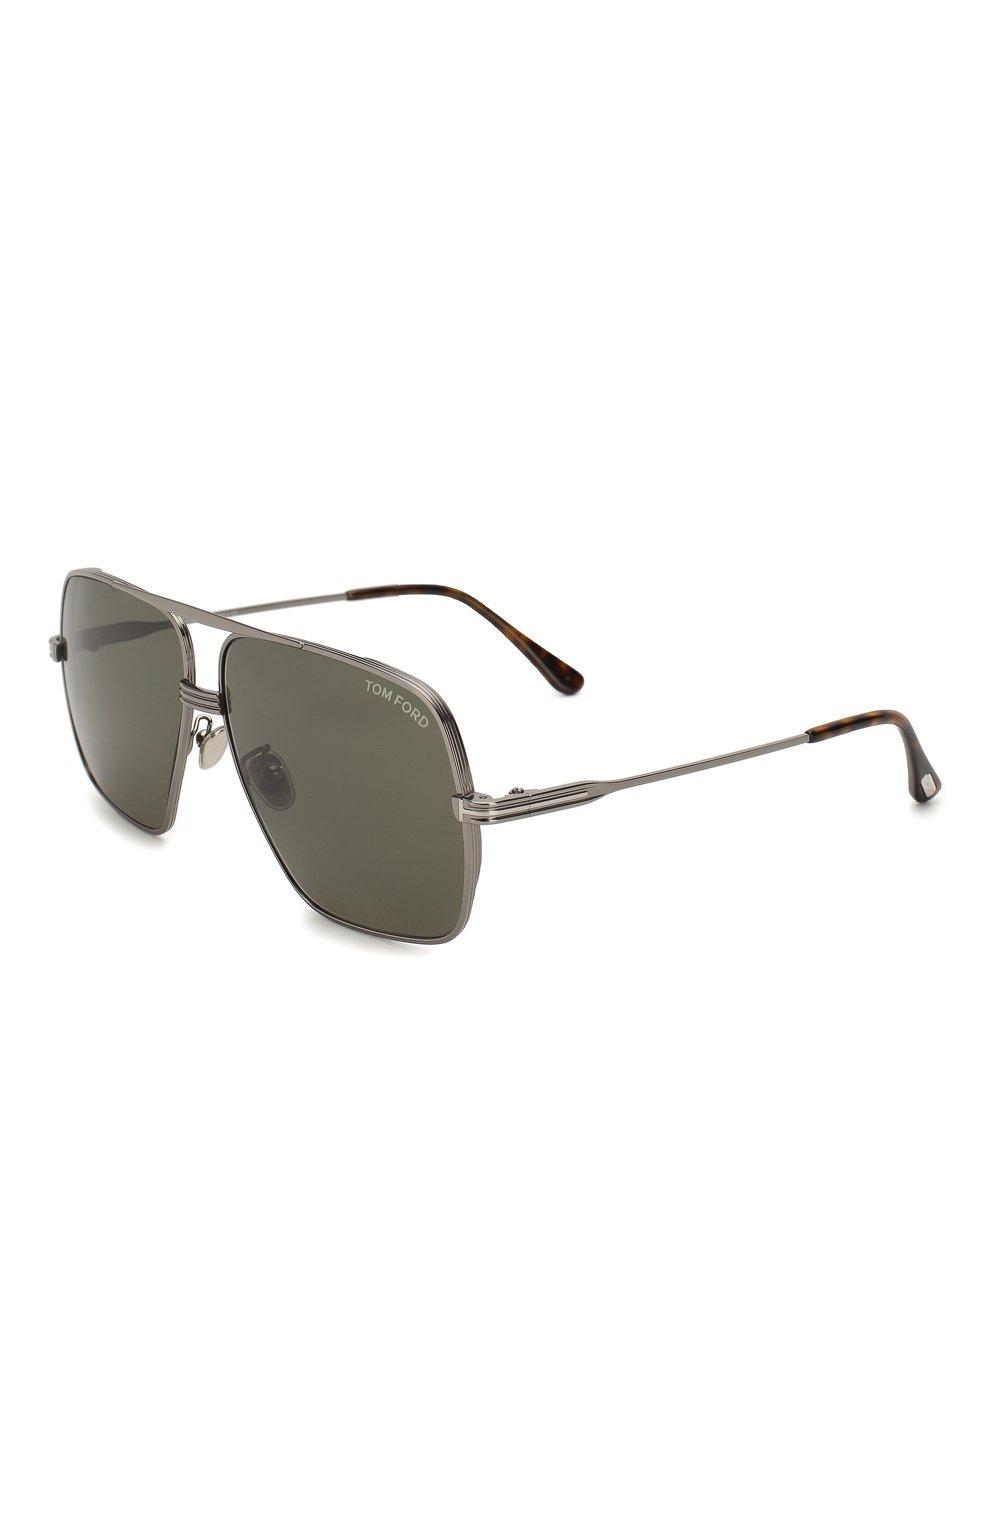 Мужские солнцезащитные очки TOM FORD темно-серого цвета, арт. TF735-H 12N   Фото 1